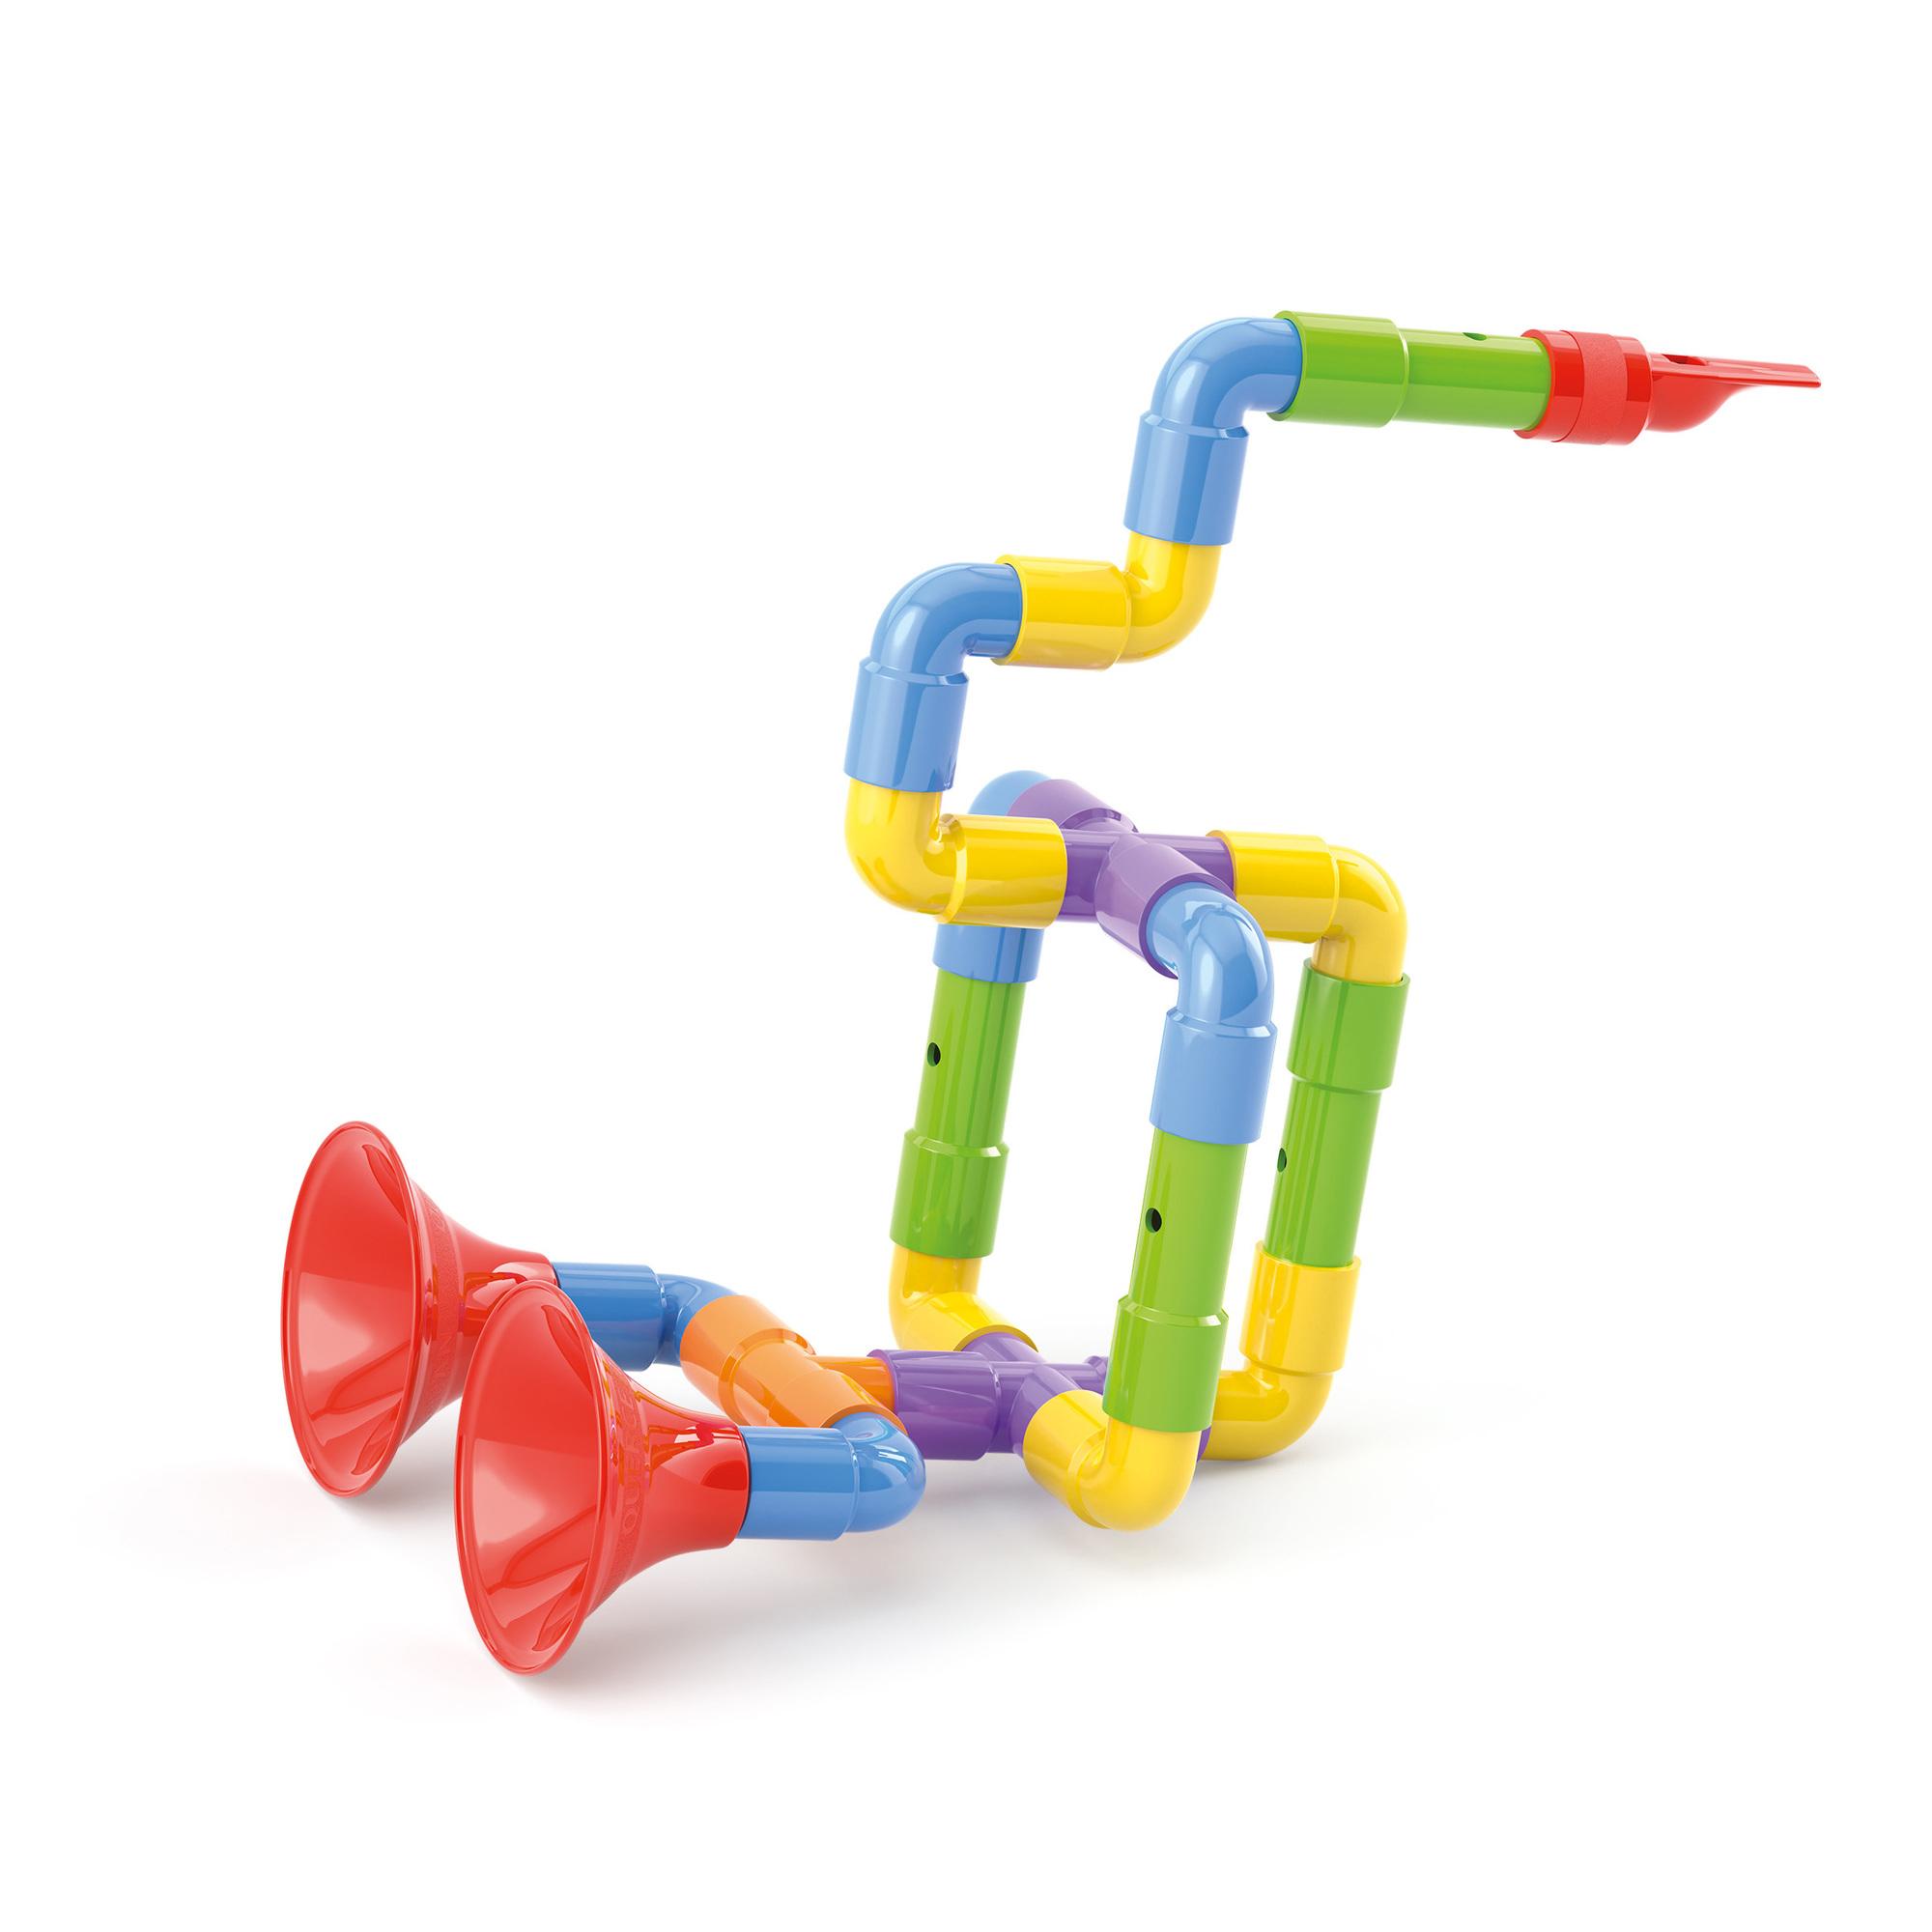 Фото - Конструктор Quercetti Супер саксофон музыкальный инструмент